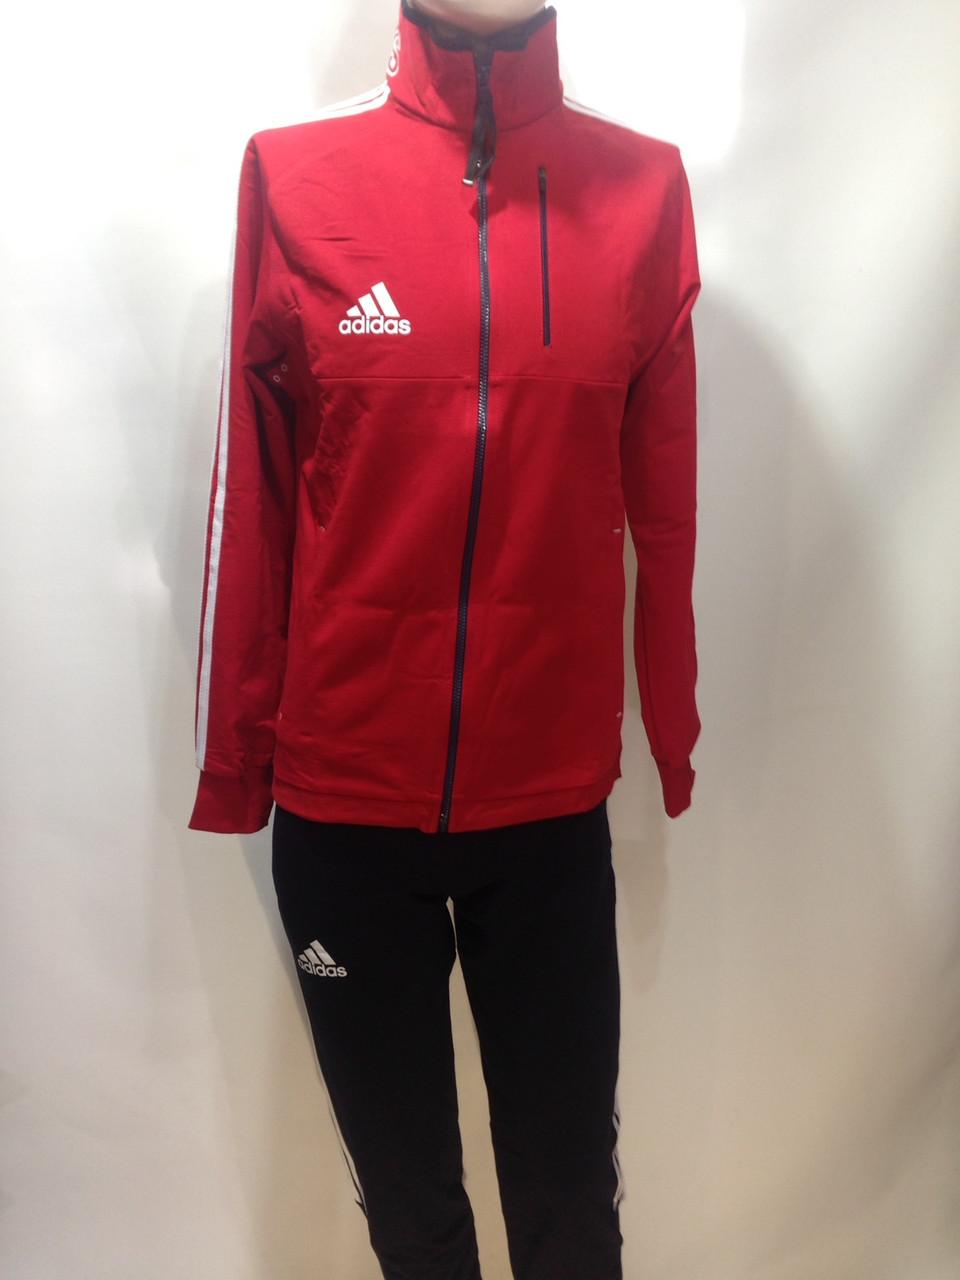 Мужской спортивный костюм в стиле Adidas весенний отличного качества красный